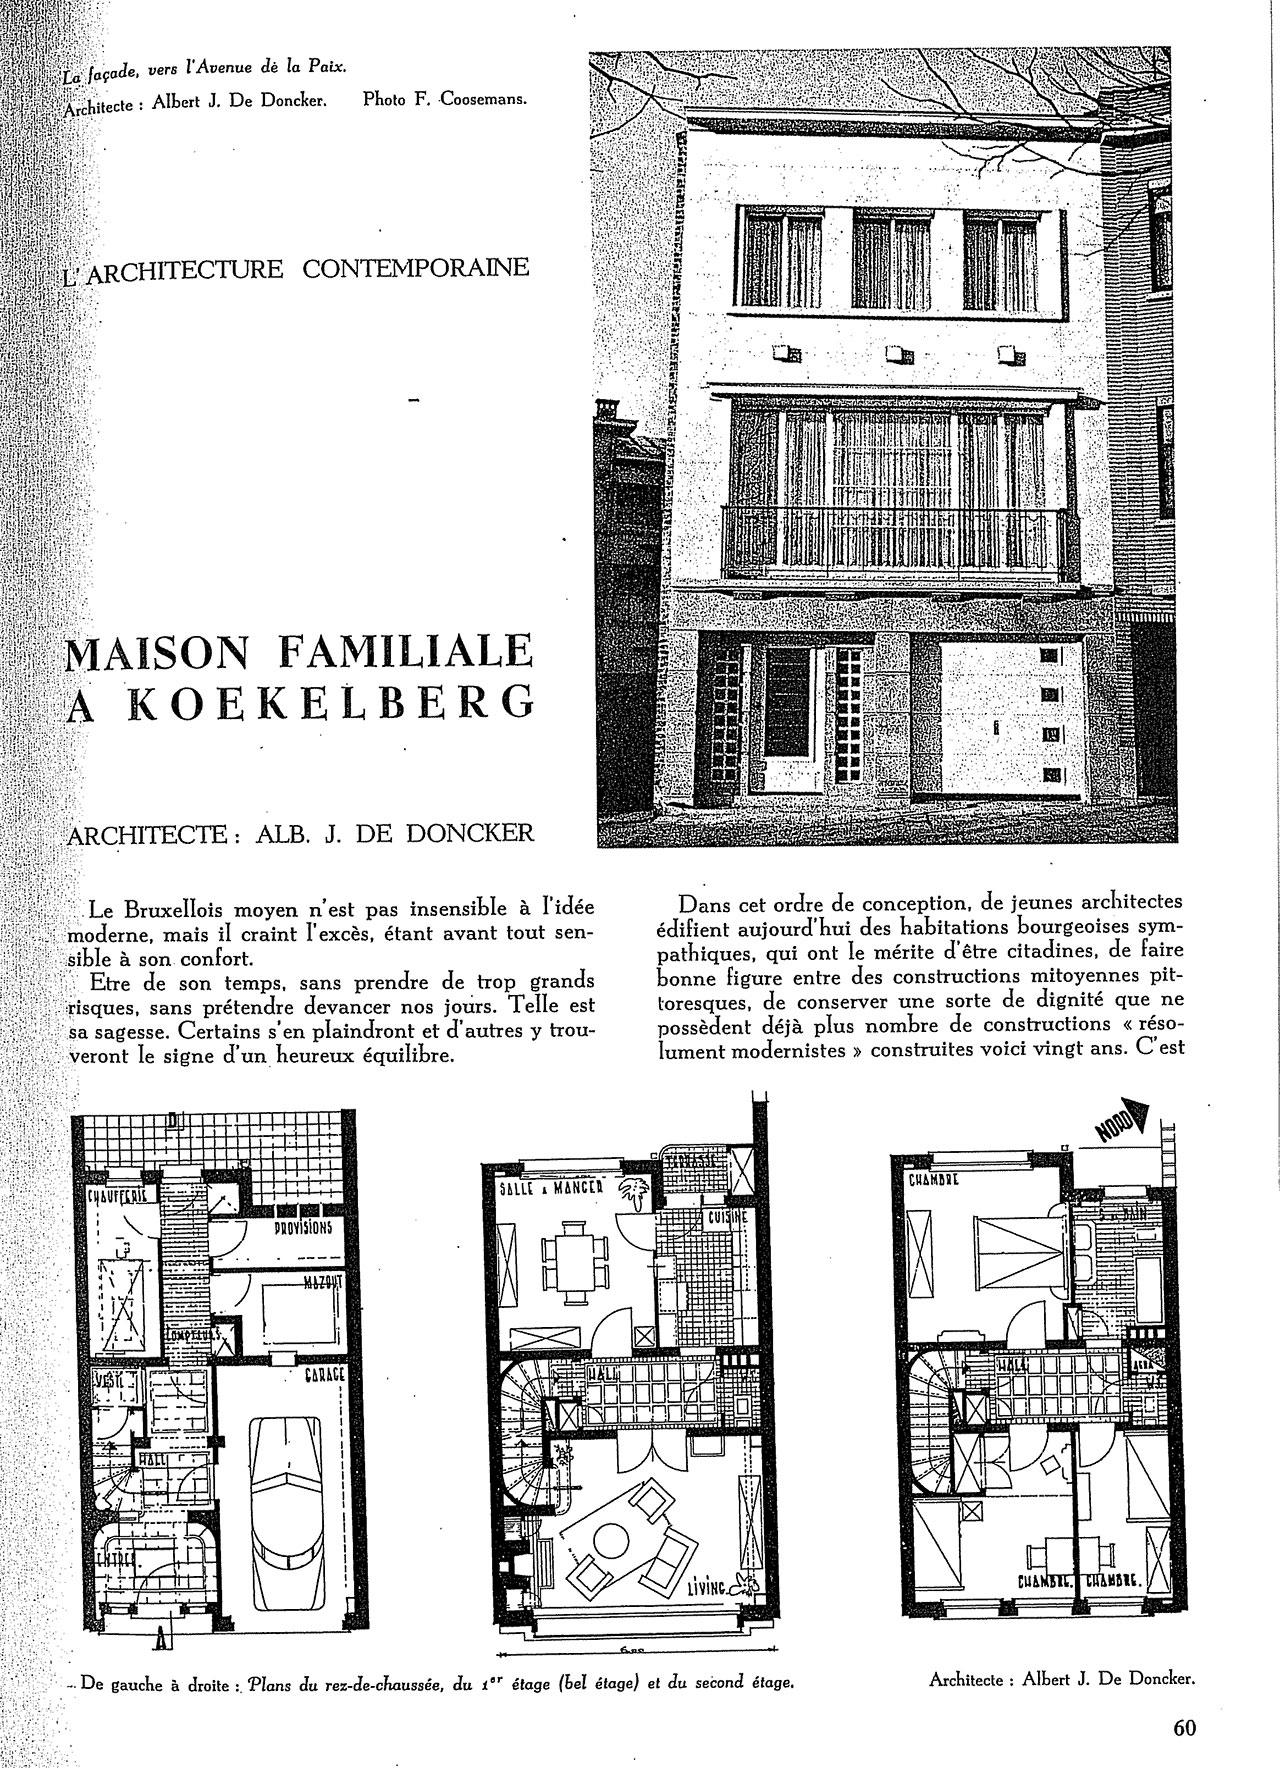 Maison familiale à Koekelberg